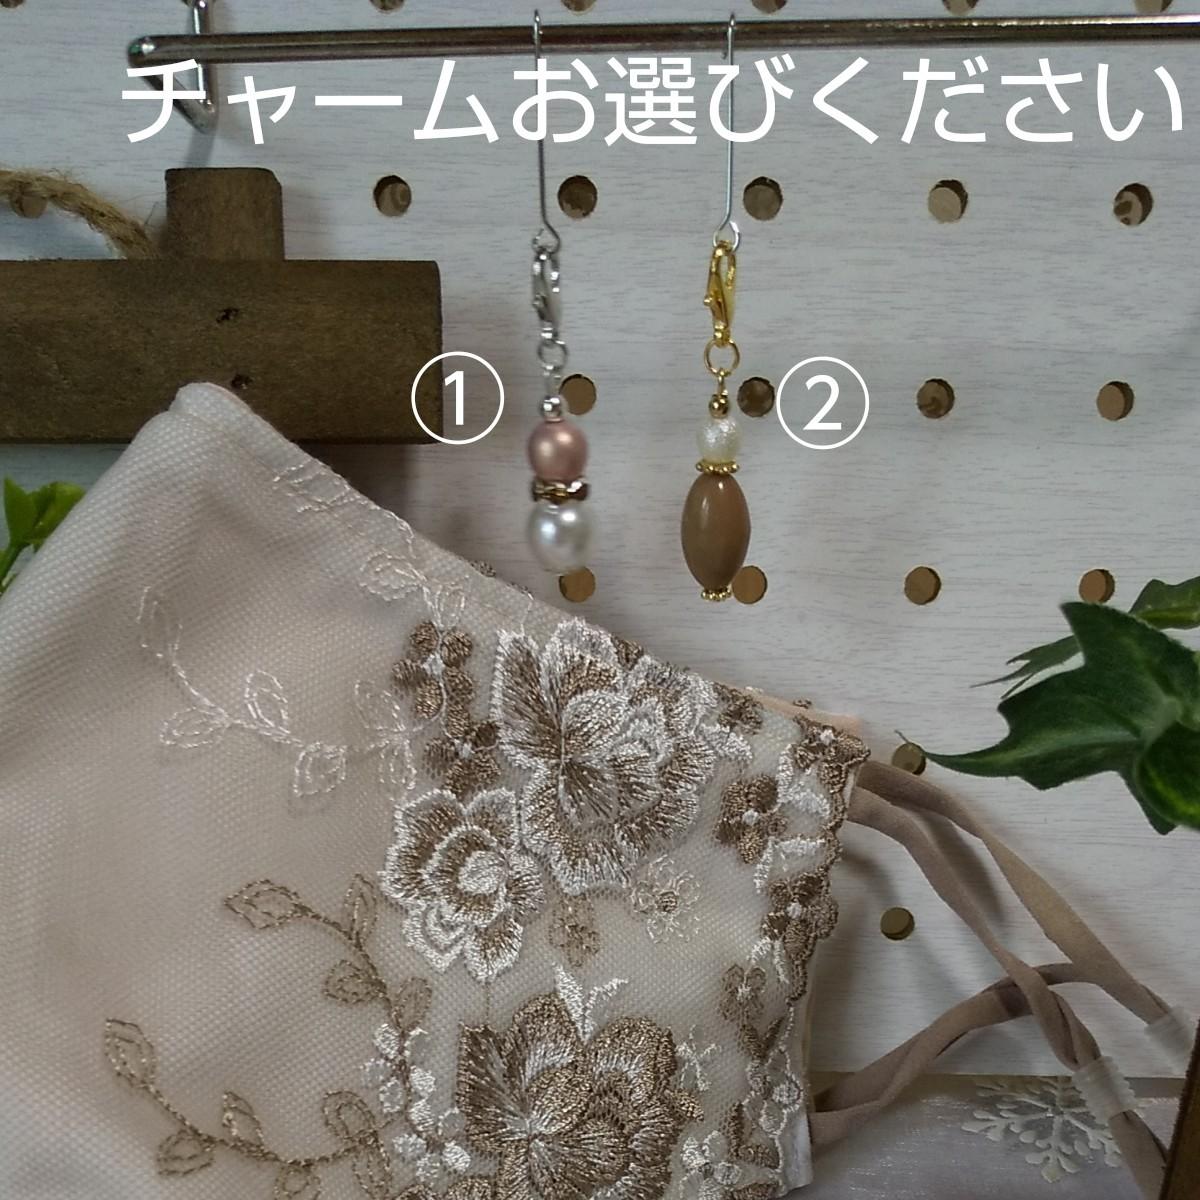 立体インナーハンドメイド、綿ガーゼチュール刺繍レース(ホワイト×ブラウン刺繍レース)(普通サイズ)アジャスター付、チャーム付